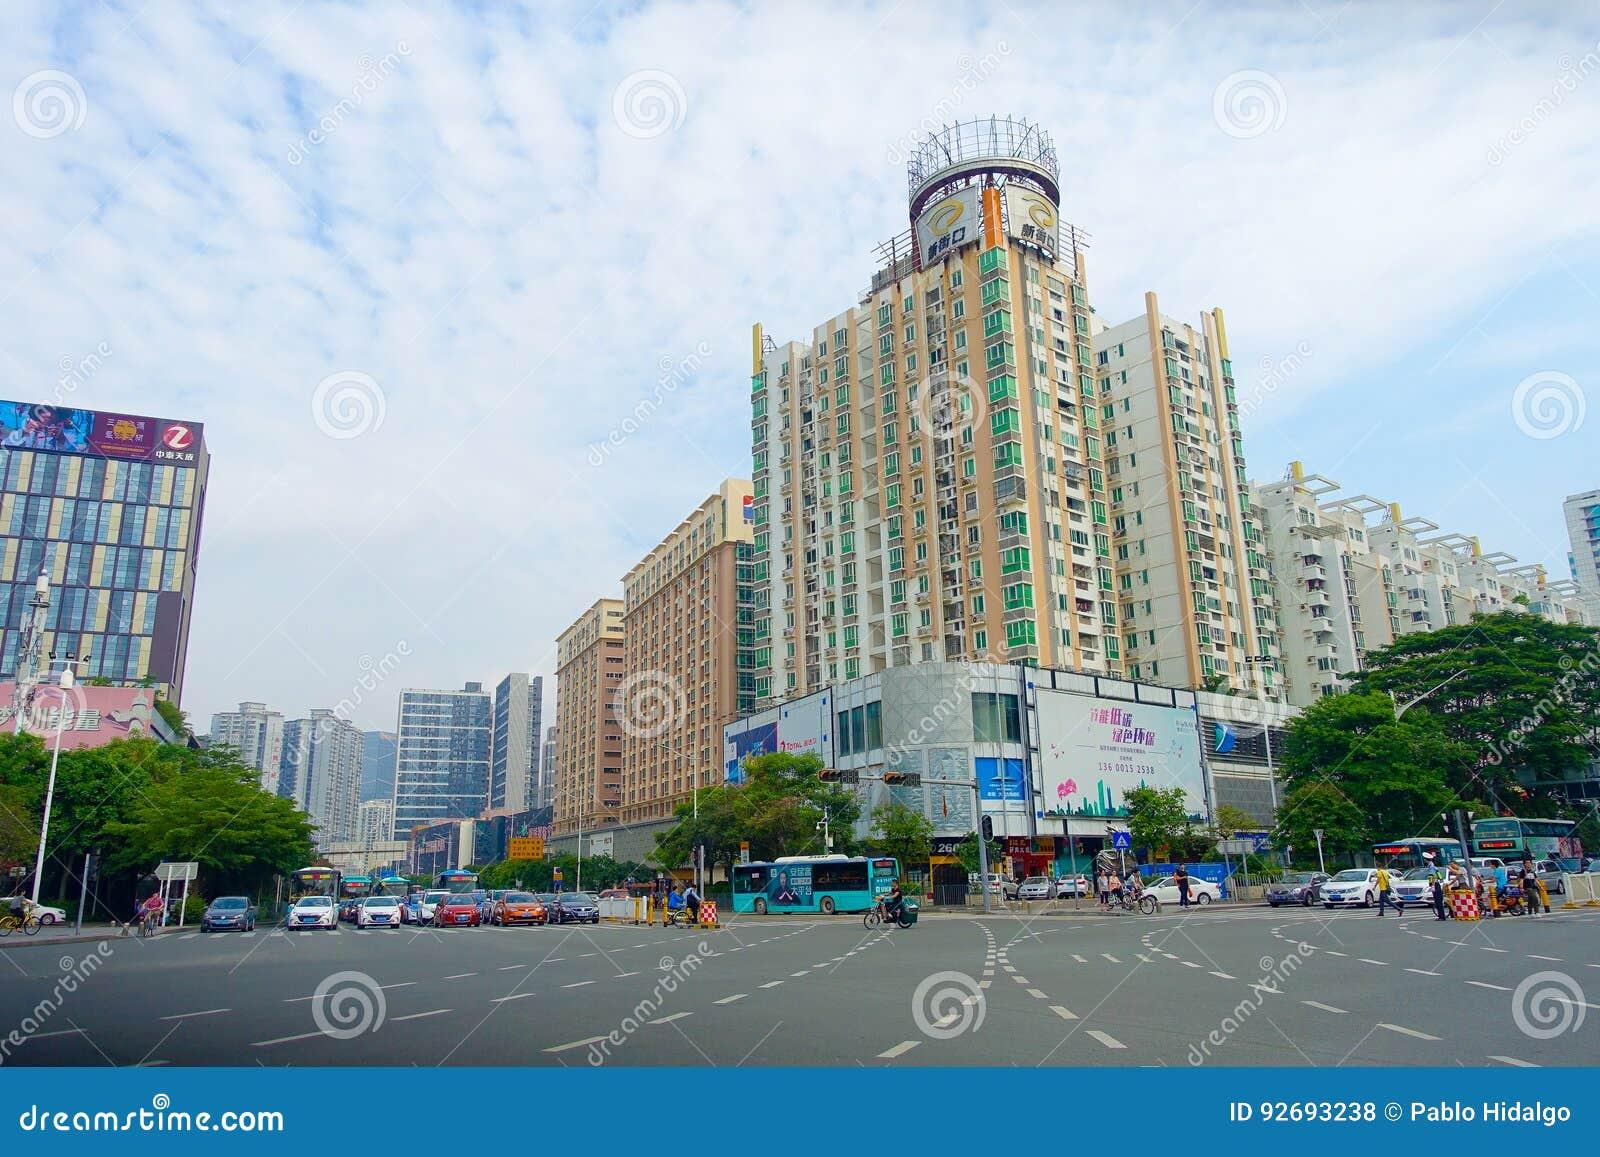 SHENZHEN, CHINE 11 MAI 2017 : Vue magnifique du centre ville ville de Shenzhen, Chine dans le secteur central